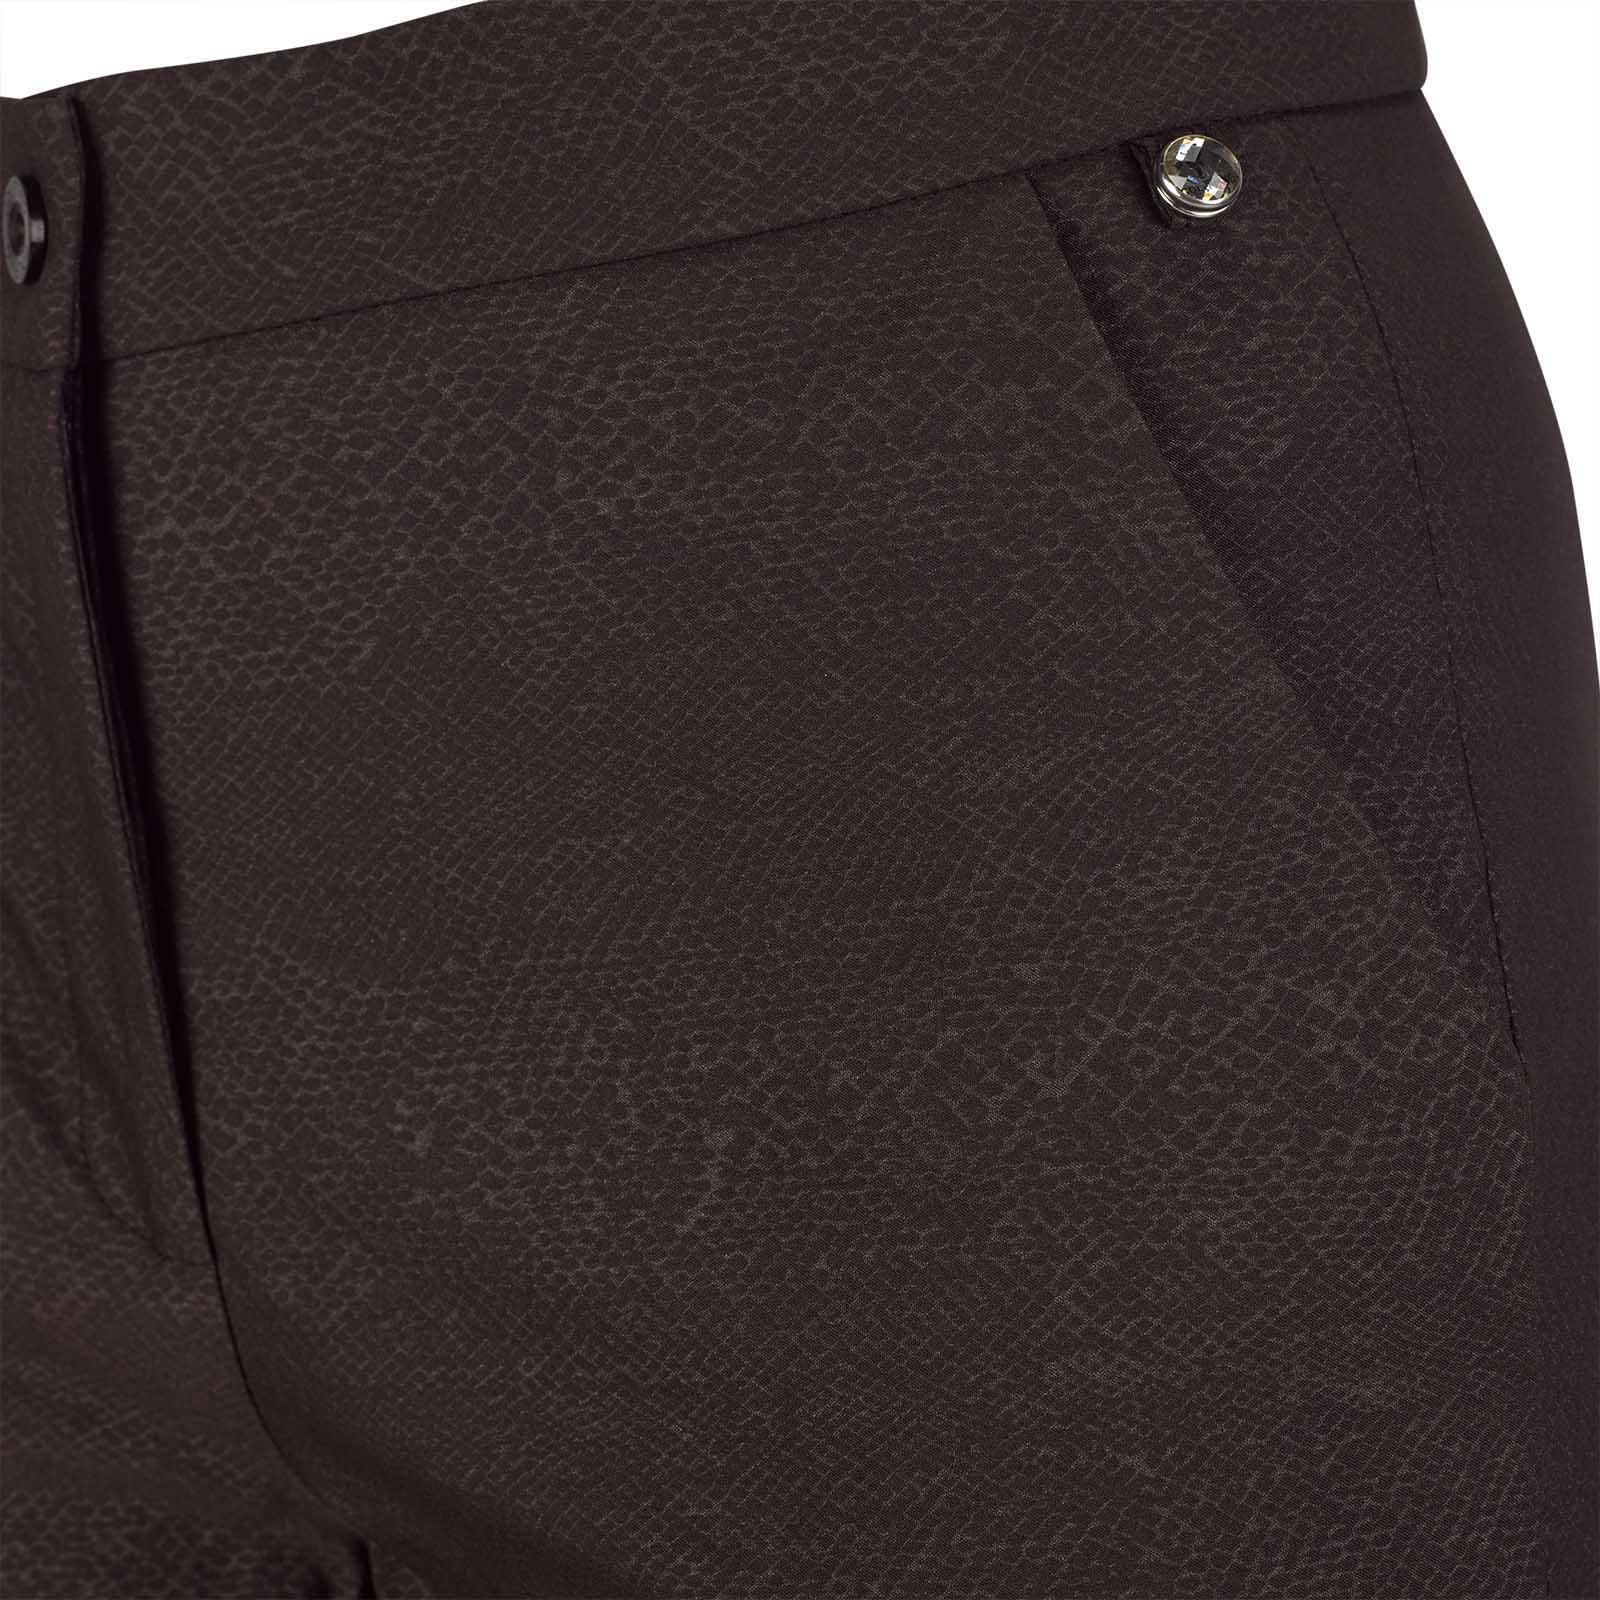 Damen Techno-Stretch Hose mit Schlangenhautmuster